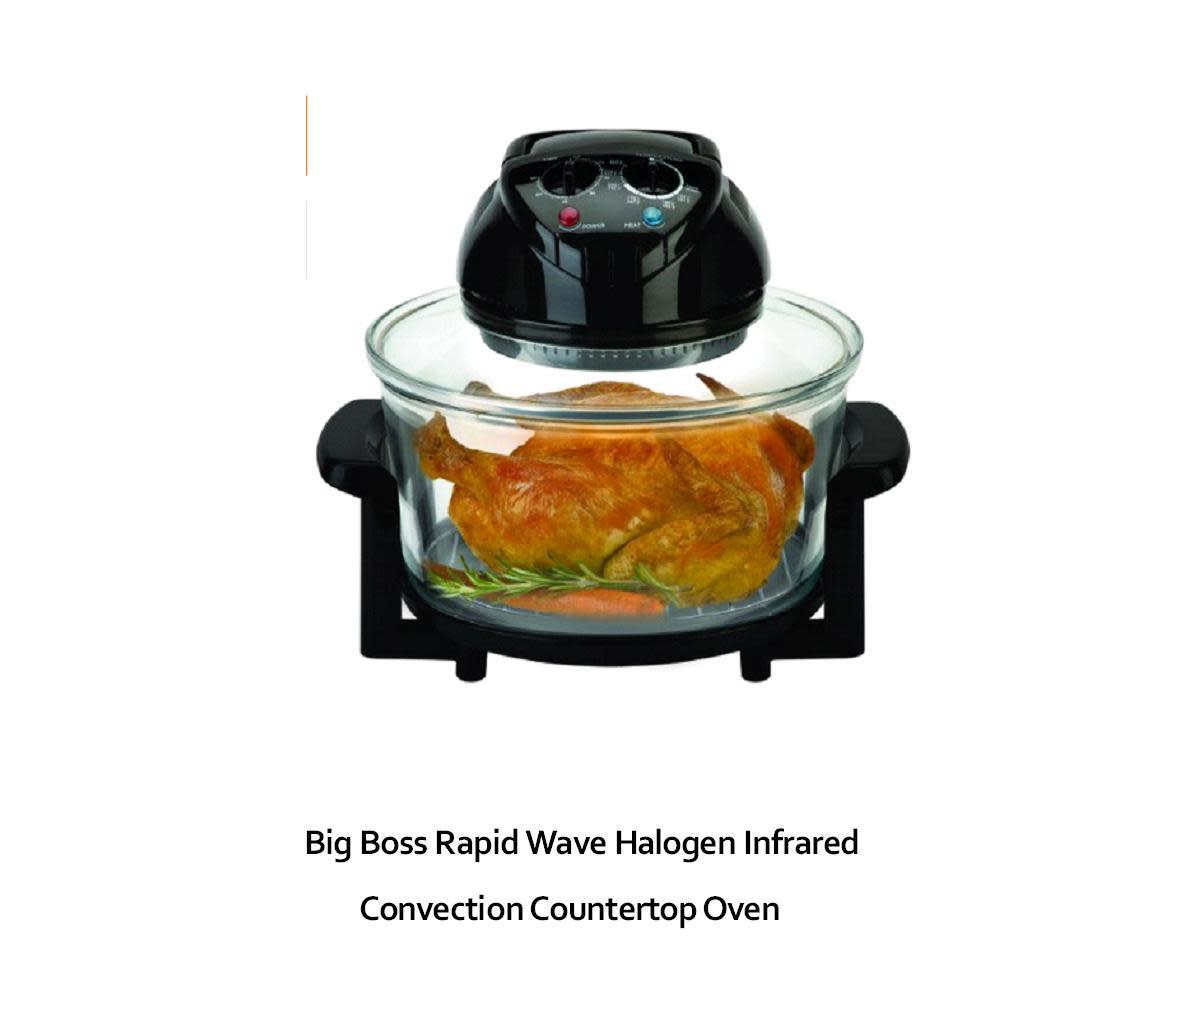 Big Boss Halogen Oven Review